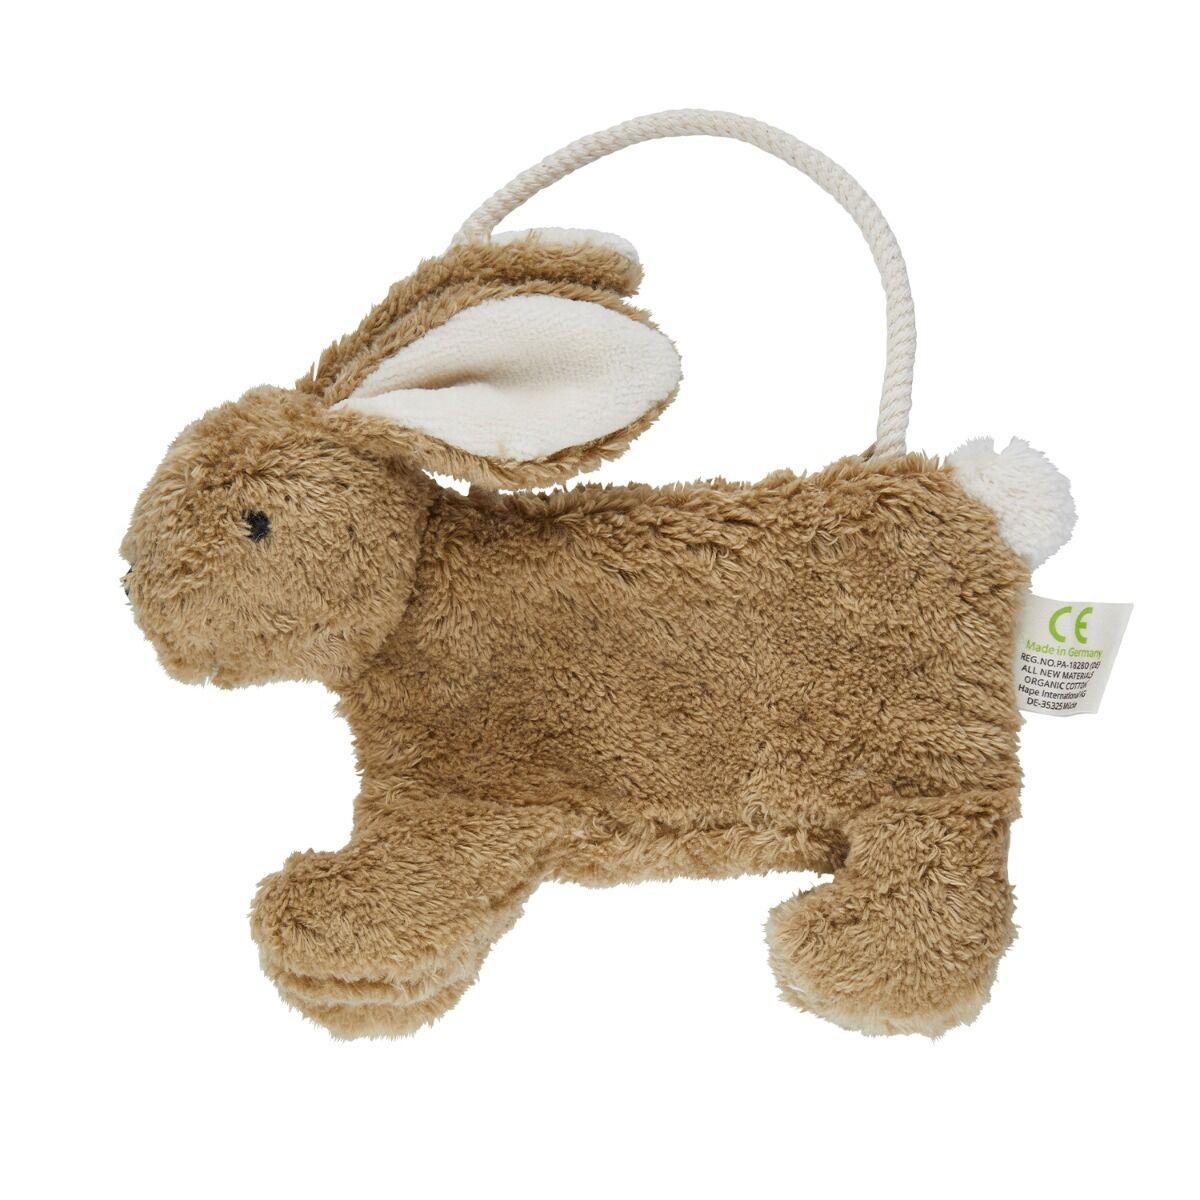 Bunny Bag image